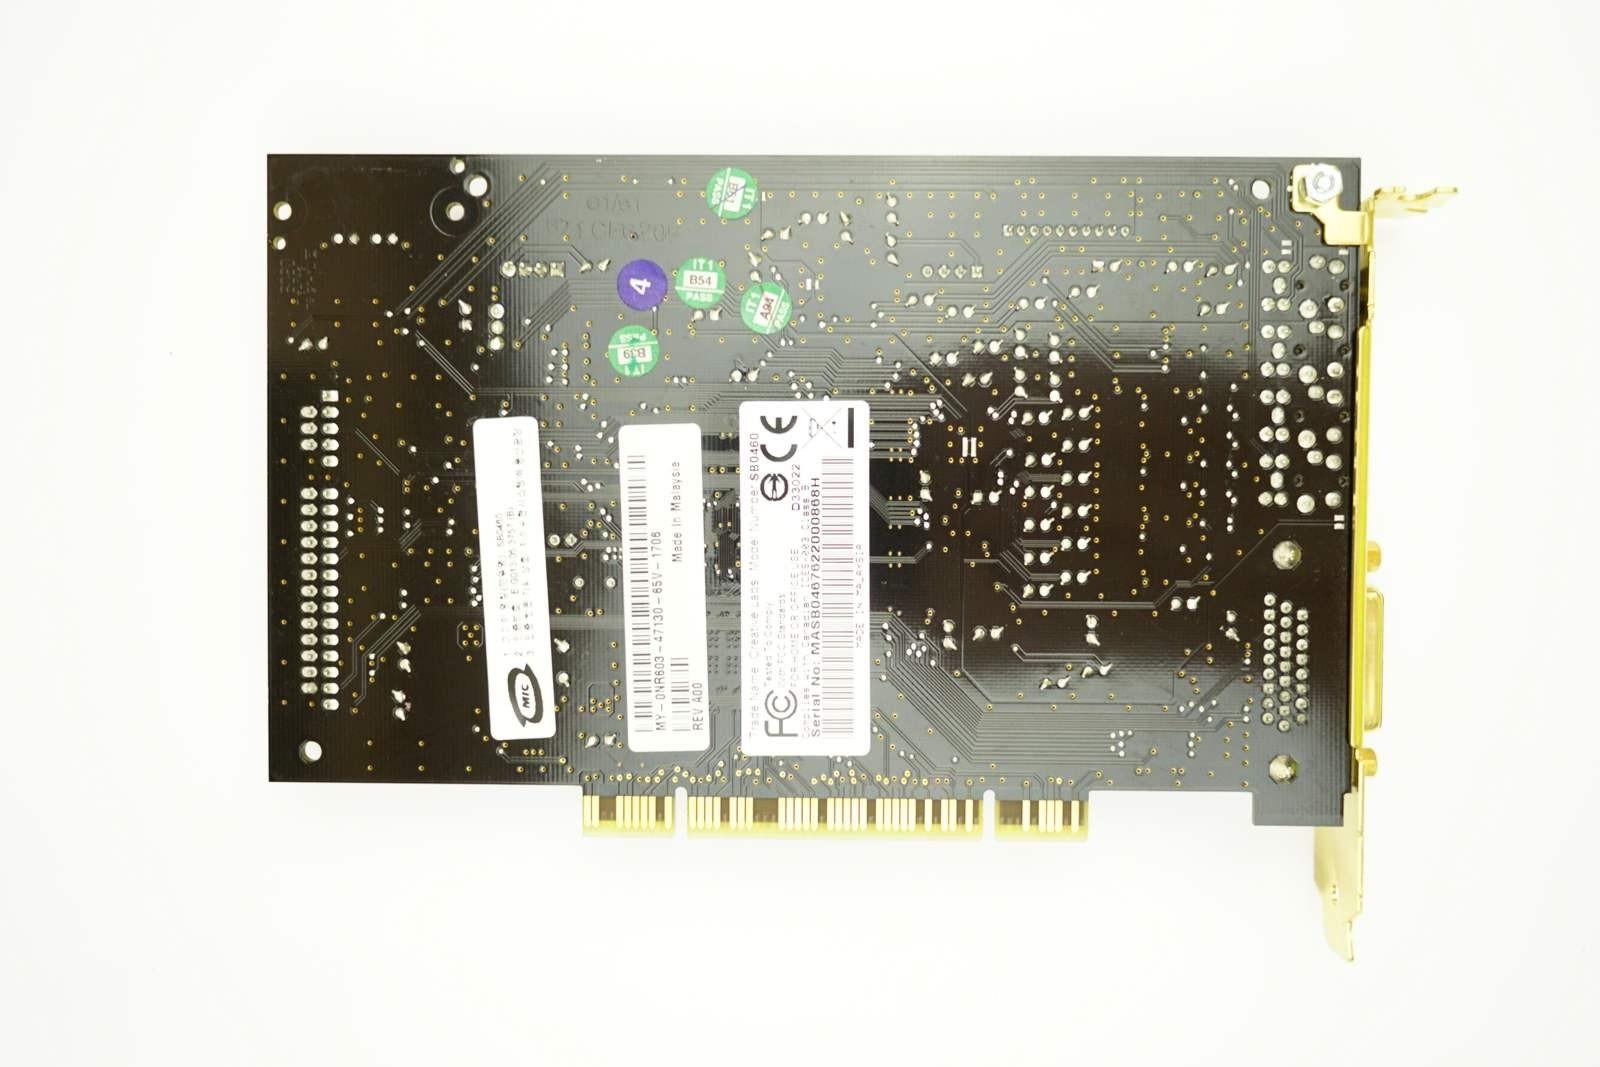 Dell Soundblaster SB0460 - PCI FH Sound Card